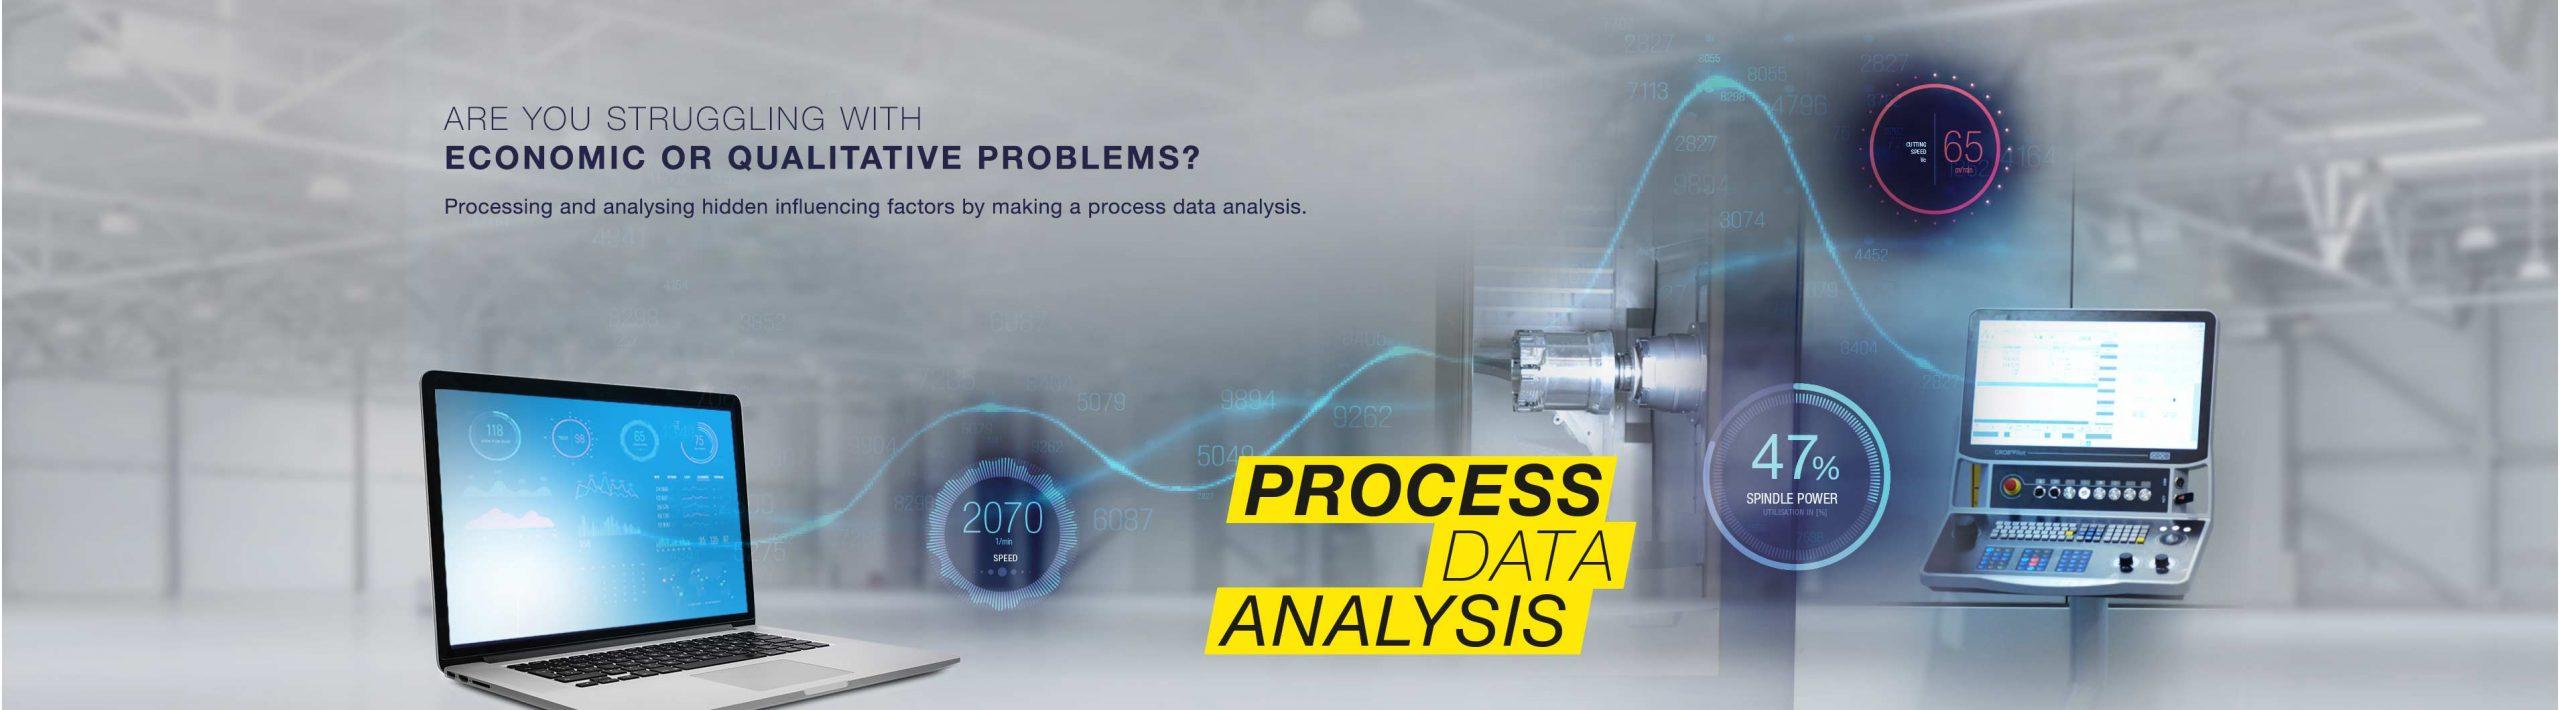 Gühring process data analysis